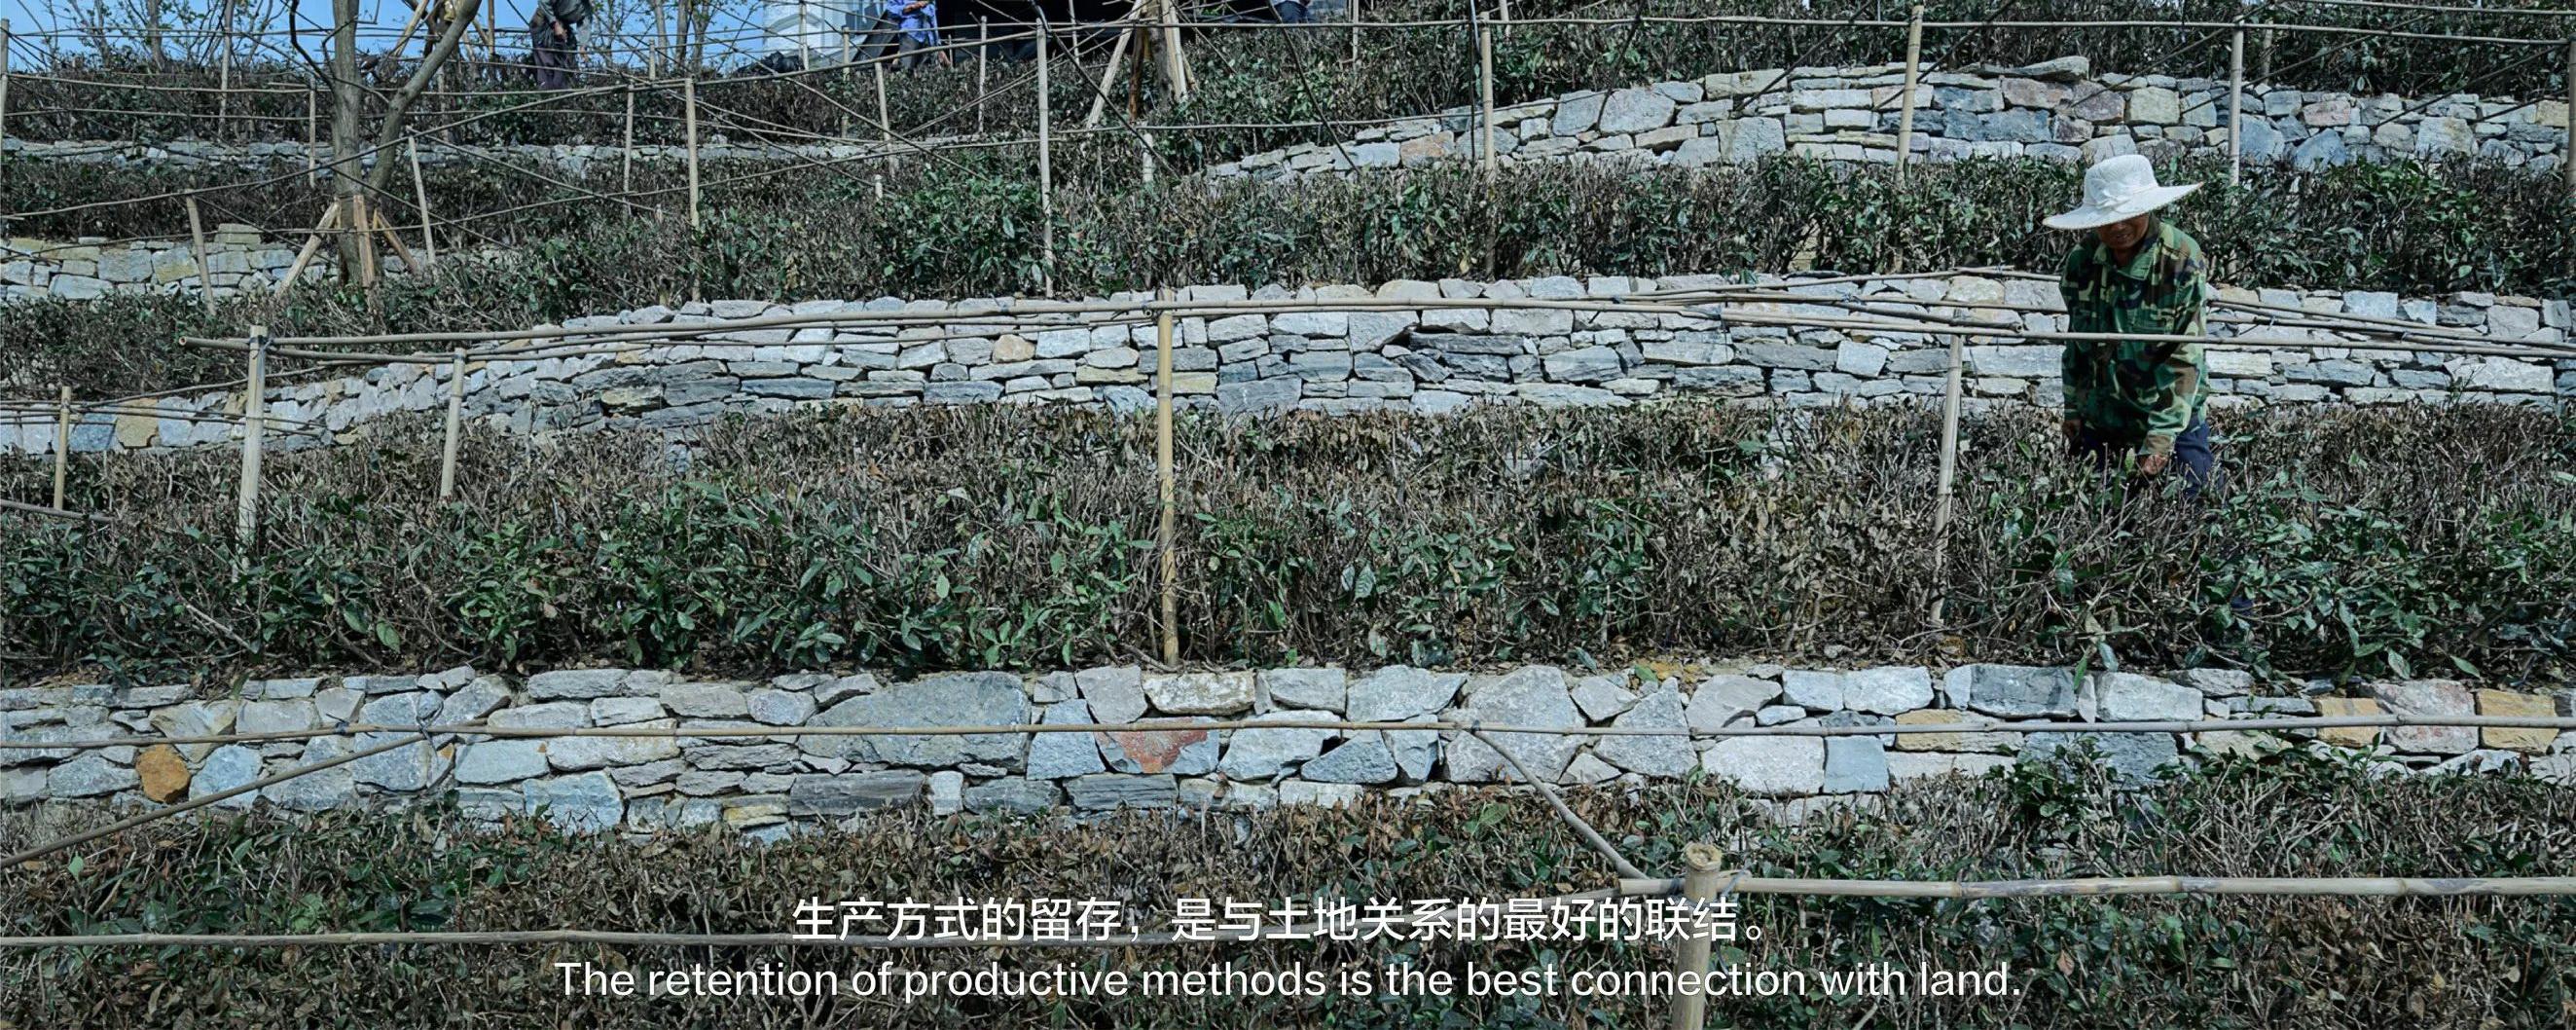 贵阳中南春风南岸景观设计 / 山水比德